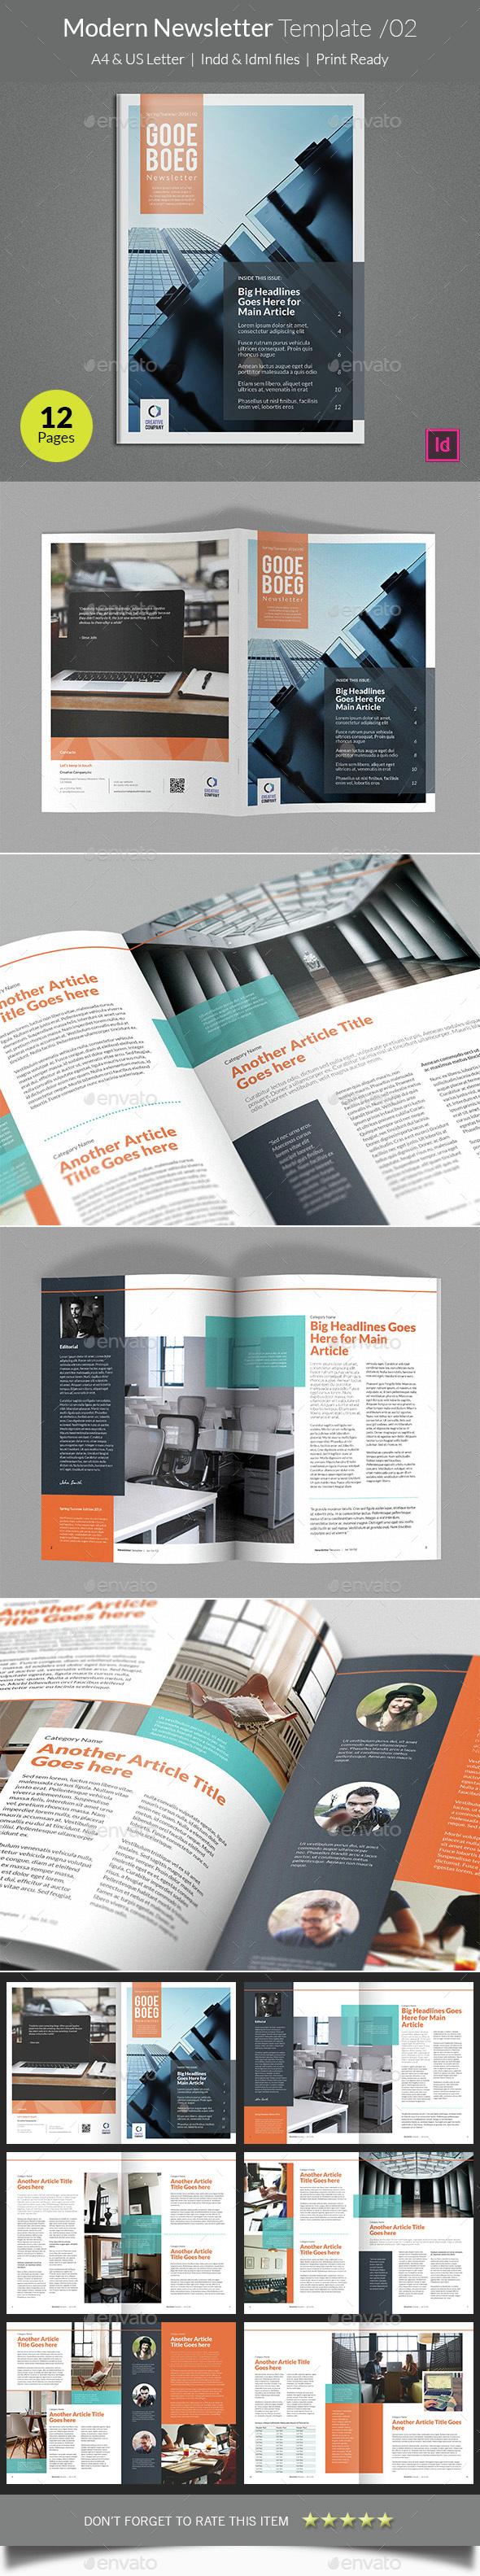 Modern Newsletter Template v02 - Newsletters Print Templates